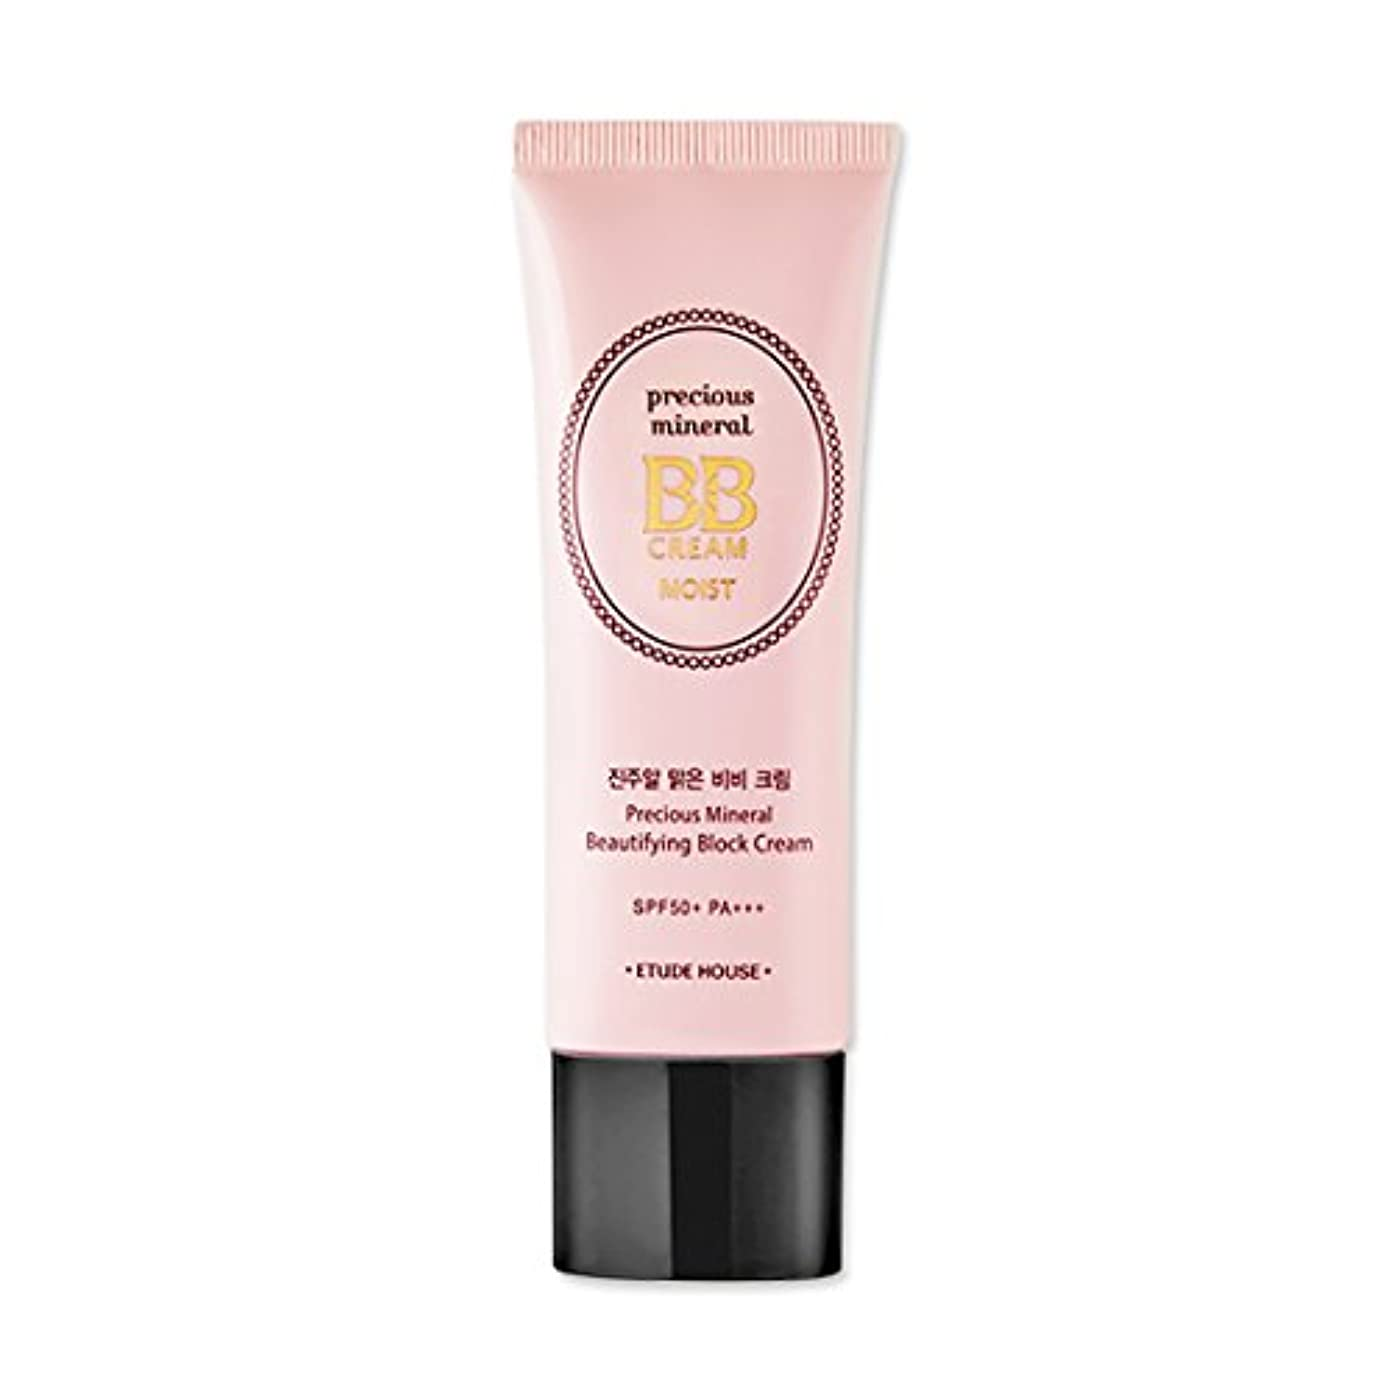 広がりタイムリーなカセット[New] ETUDE HOUSE Precious Mineral BB Cream * Moist * 45g/エチュードハウス プレシャス ミネラル BBクリーム * モイスト * 45g (#Beige) [並行輸入品]